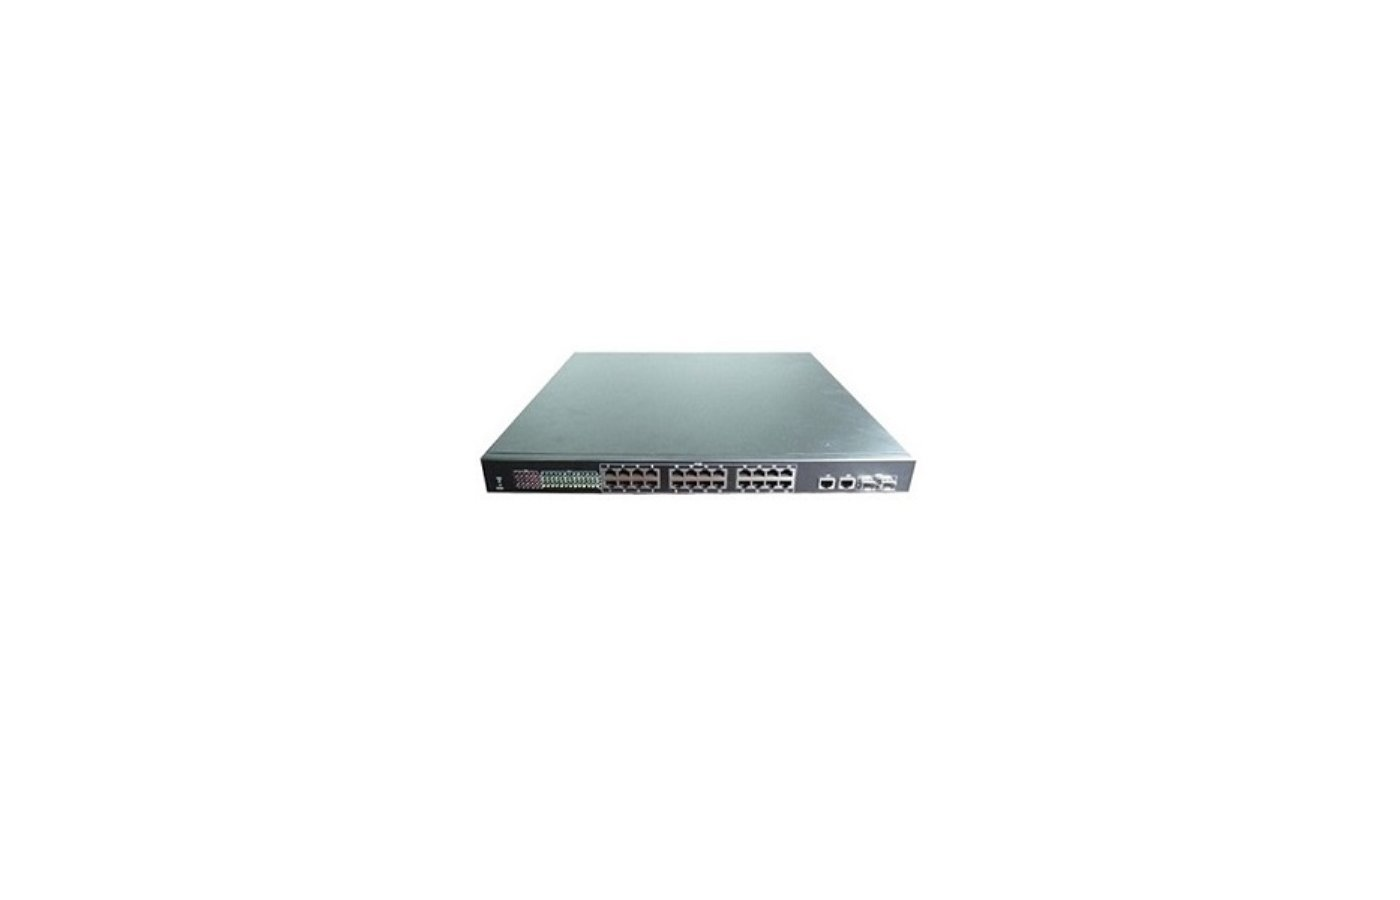 Аксессуары для видеосистем IVUE-PS28-2F24C28-ми портовый управляемый 1U коммутатор